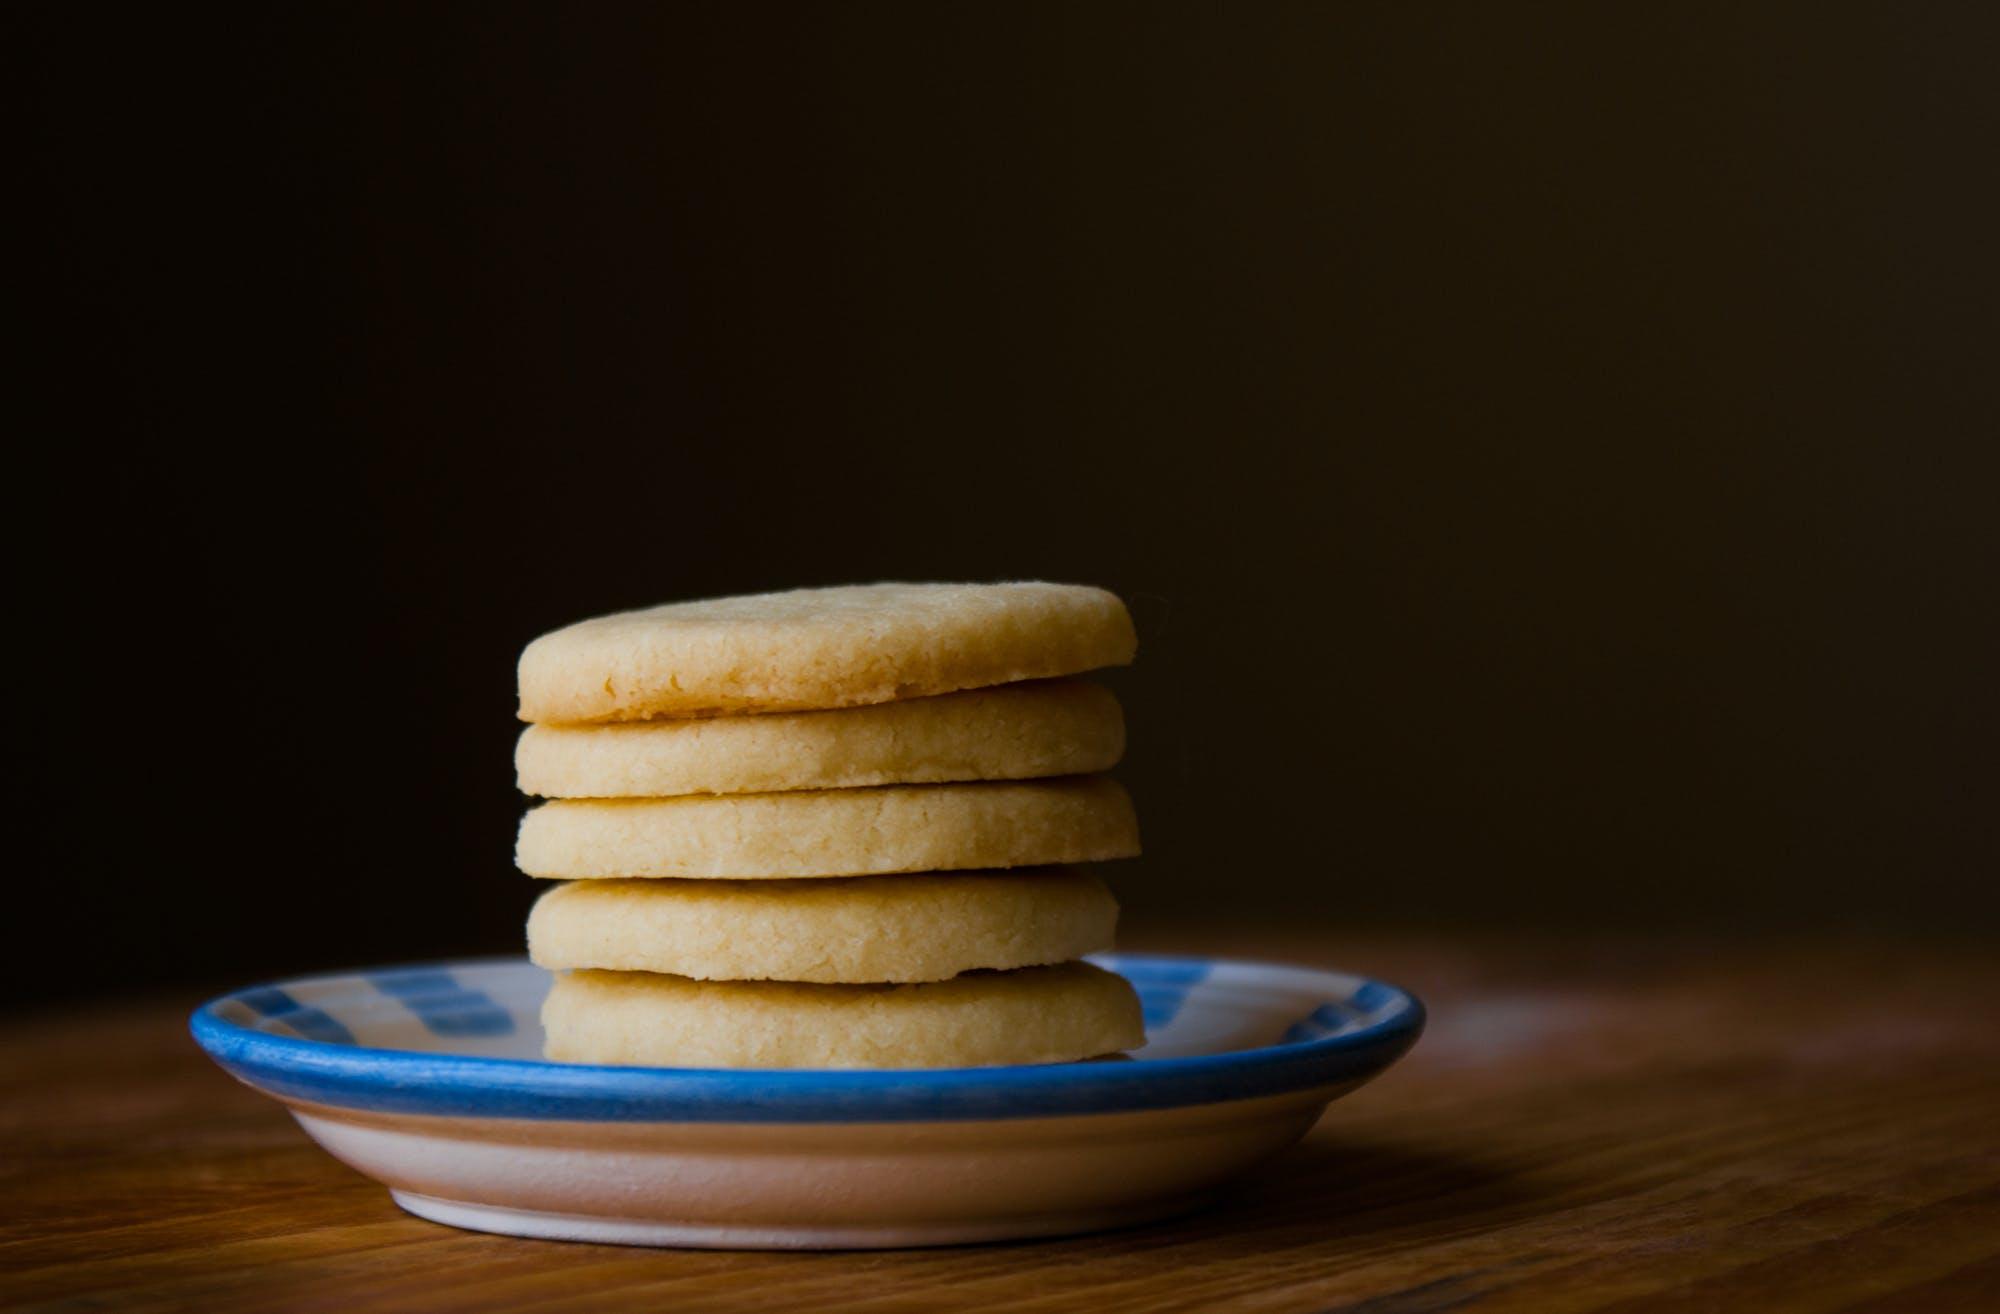 Kostenloses Stock Foto zu fokus, gebacken, genuss, köstlich